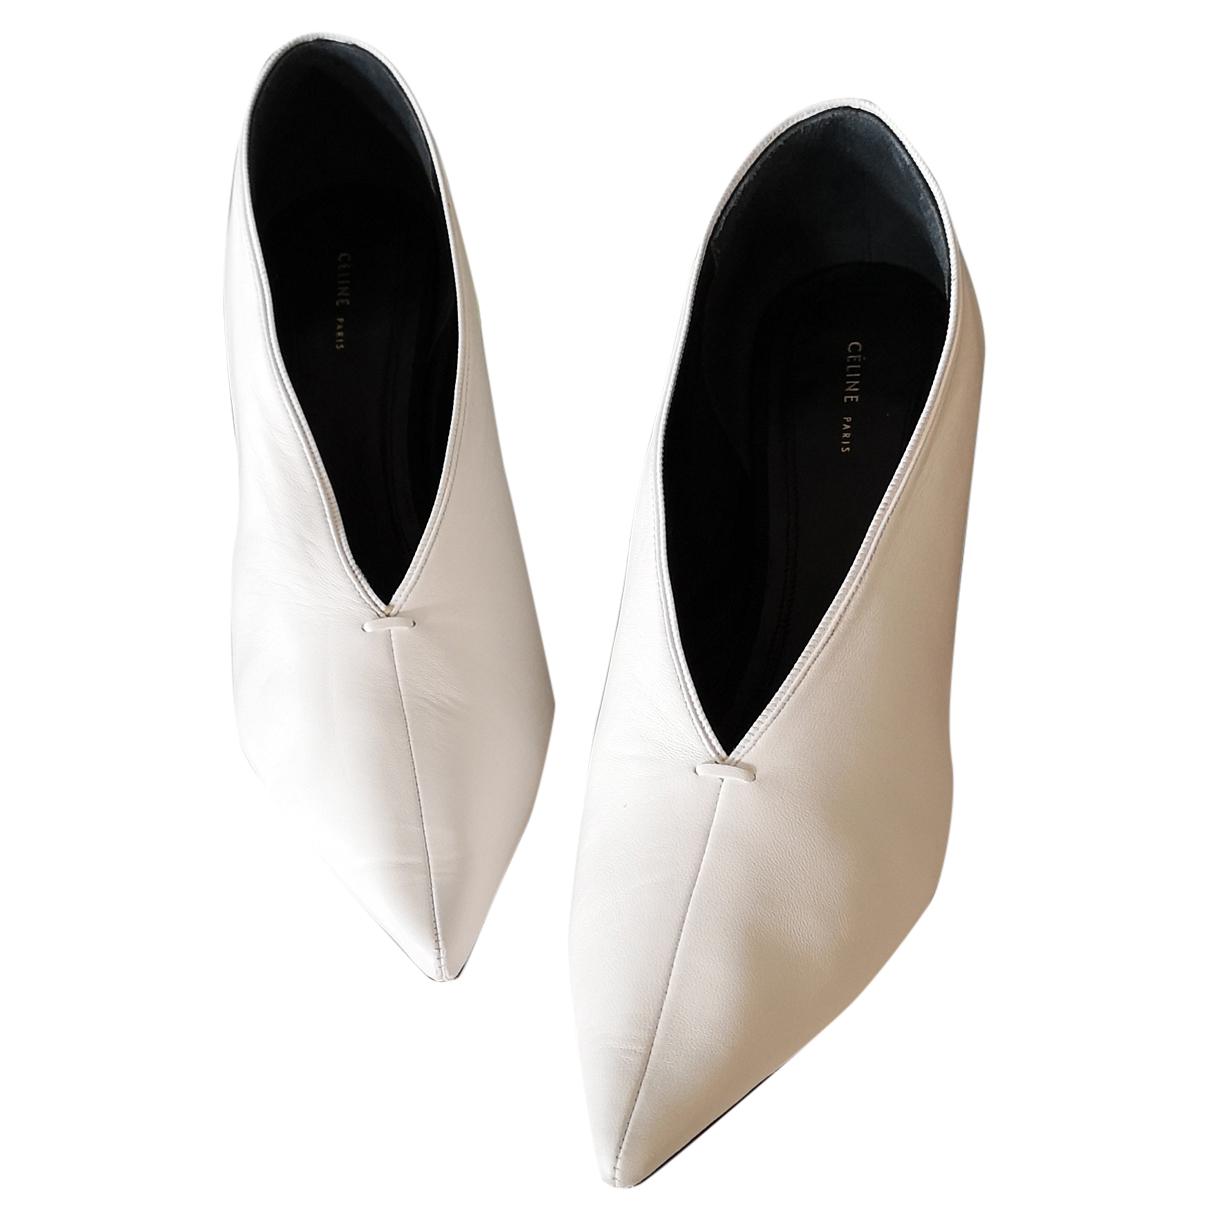 Celine Soft V Neck White Leather Heels for Women 38 EU